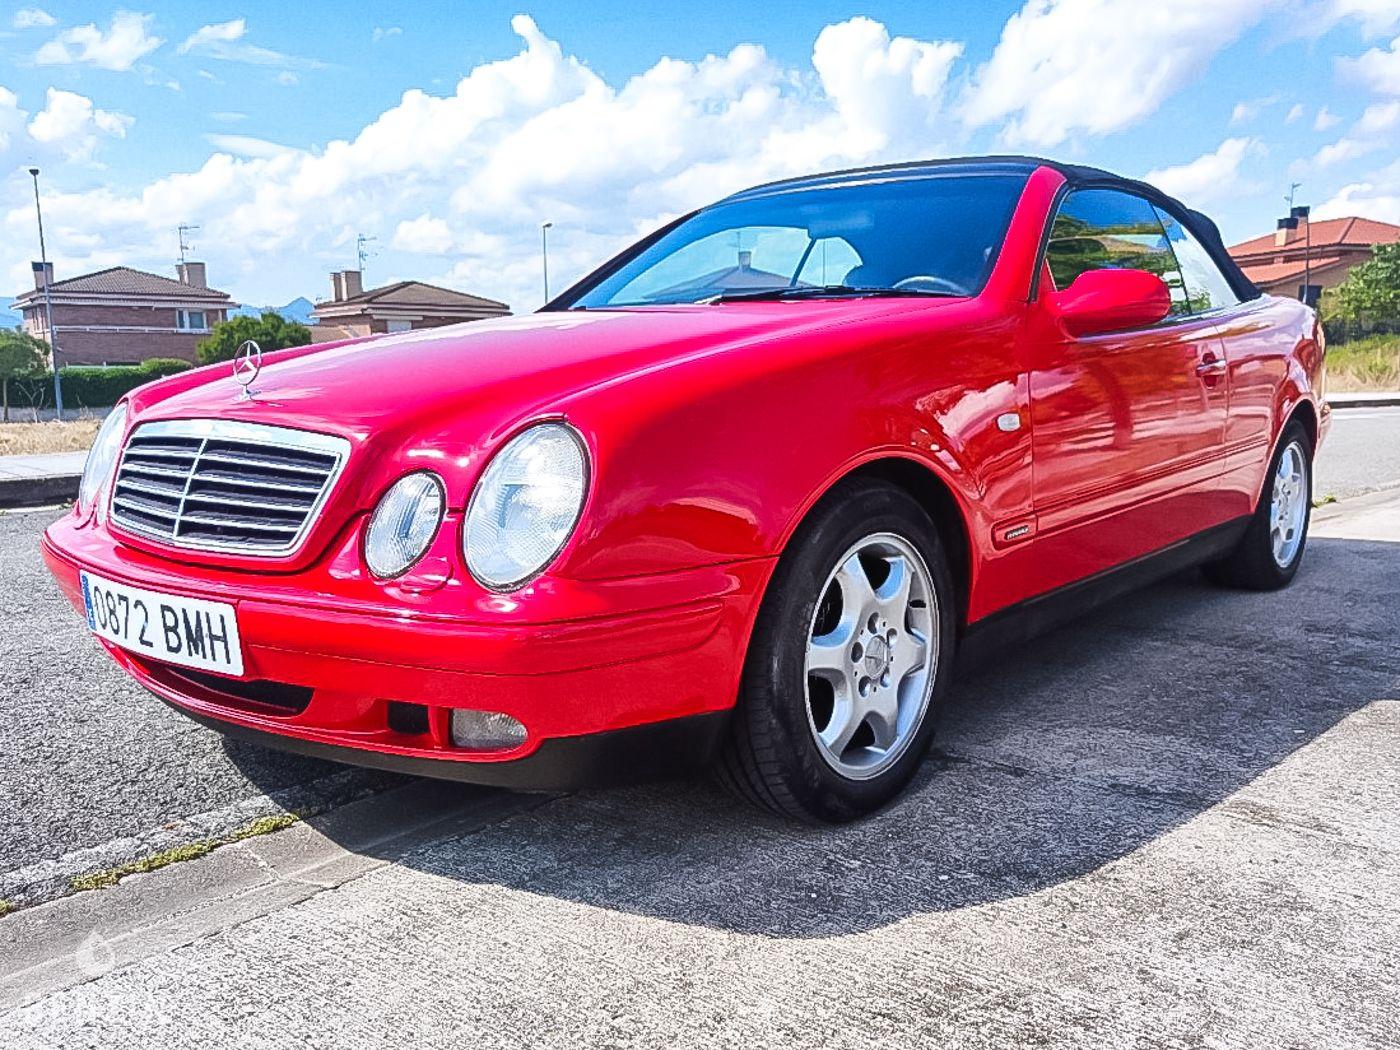 Mercedes-Benz CLK 230 K Cabriolet a vendre/ Mercedes-Benz CLK 230 K Cabriolet to sell/ Mercedes-Benz CLK 230 K Cabriolet verkaufen/ Mercedes-Benz CLK 230 K Cabriolet en venta